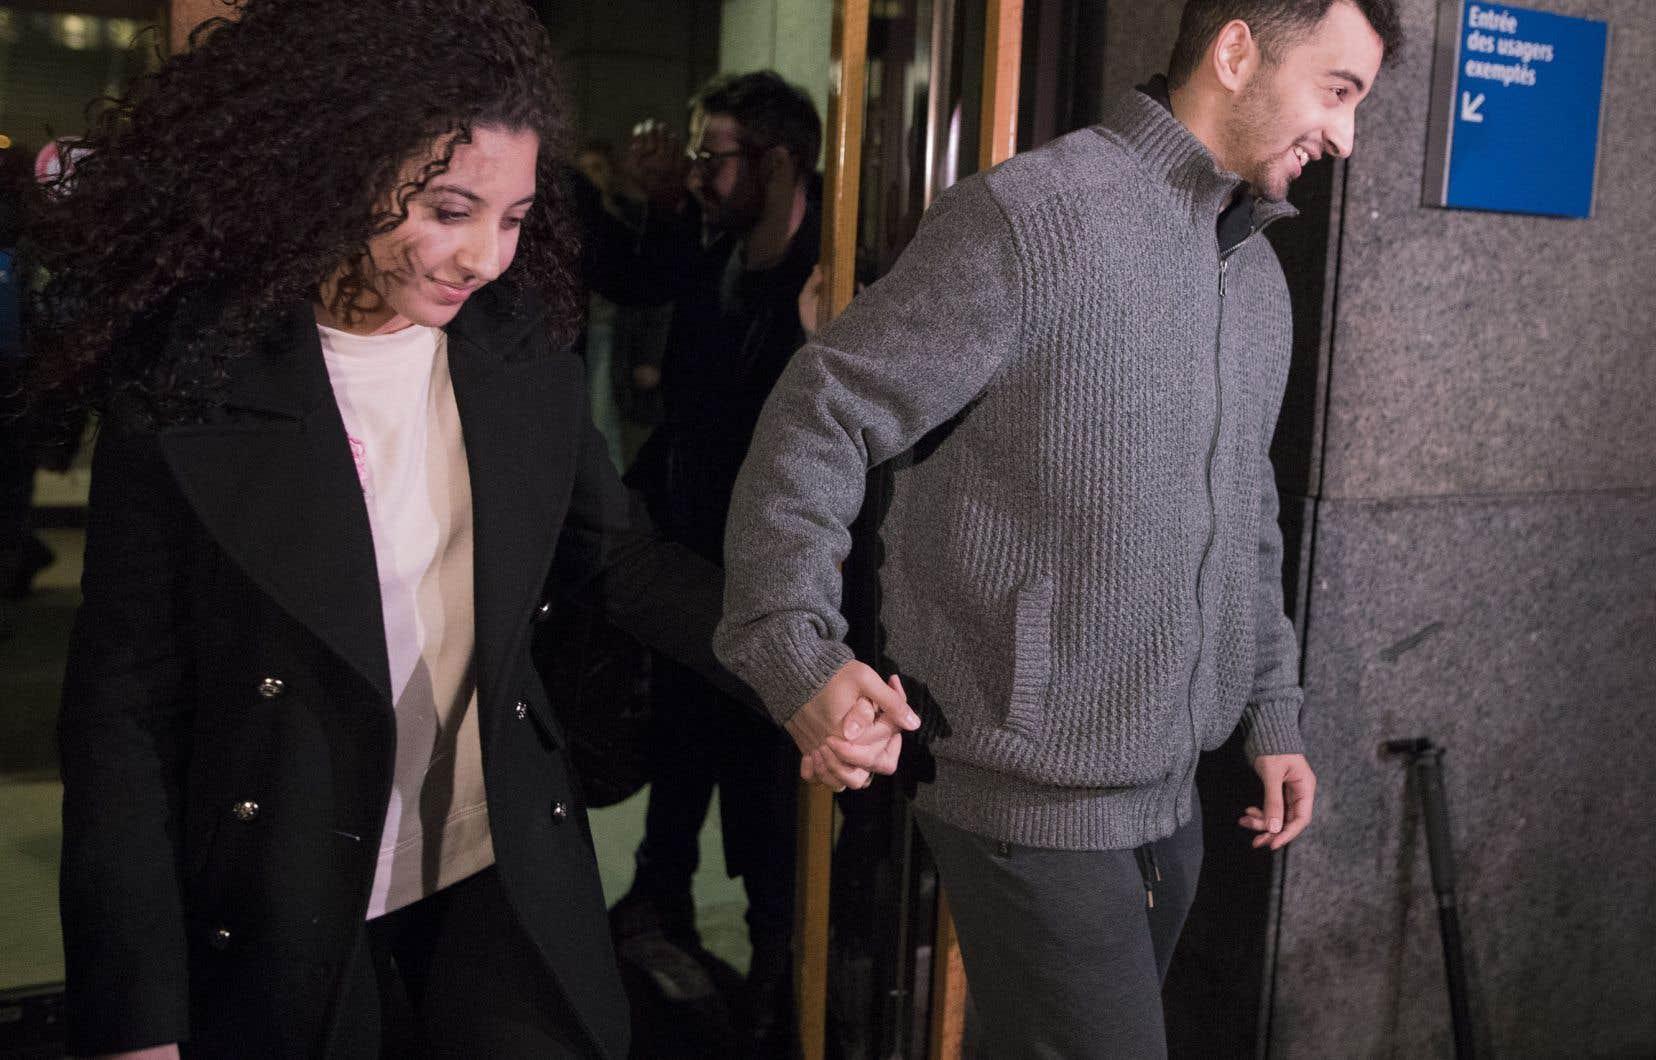 Sabrine Djermane et El Mahdi Jamali ont été acquittés des accusations de terrorisme qui pesaient contre eux le 19décembre dernier.